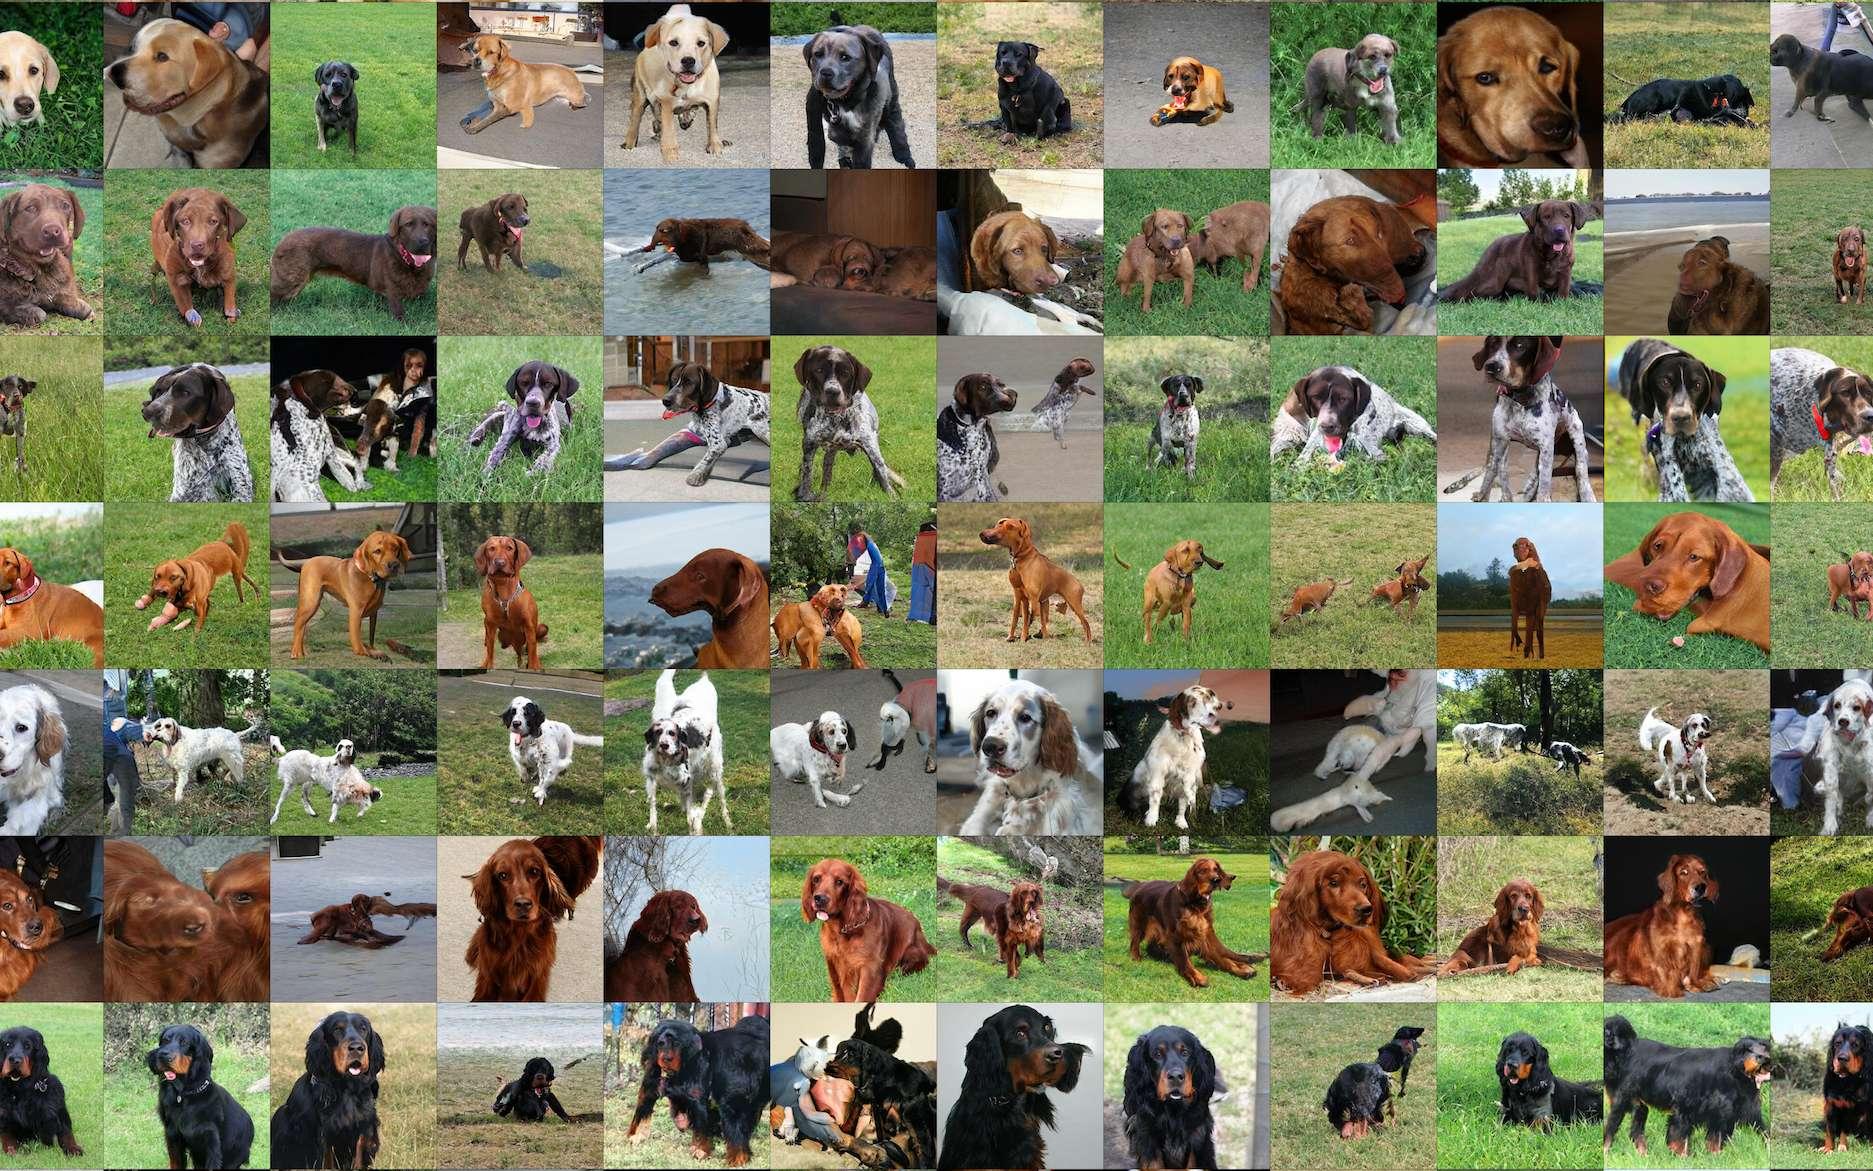 Ces chiens n'existent pas : ils ont été créés par l'IA de Google. © Oriol Vinyals